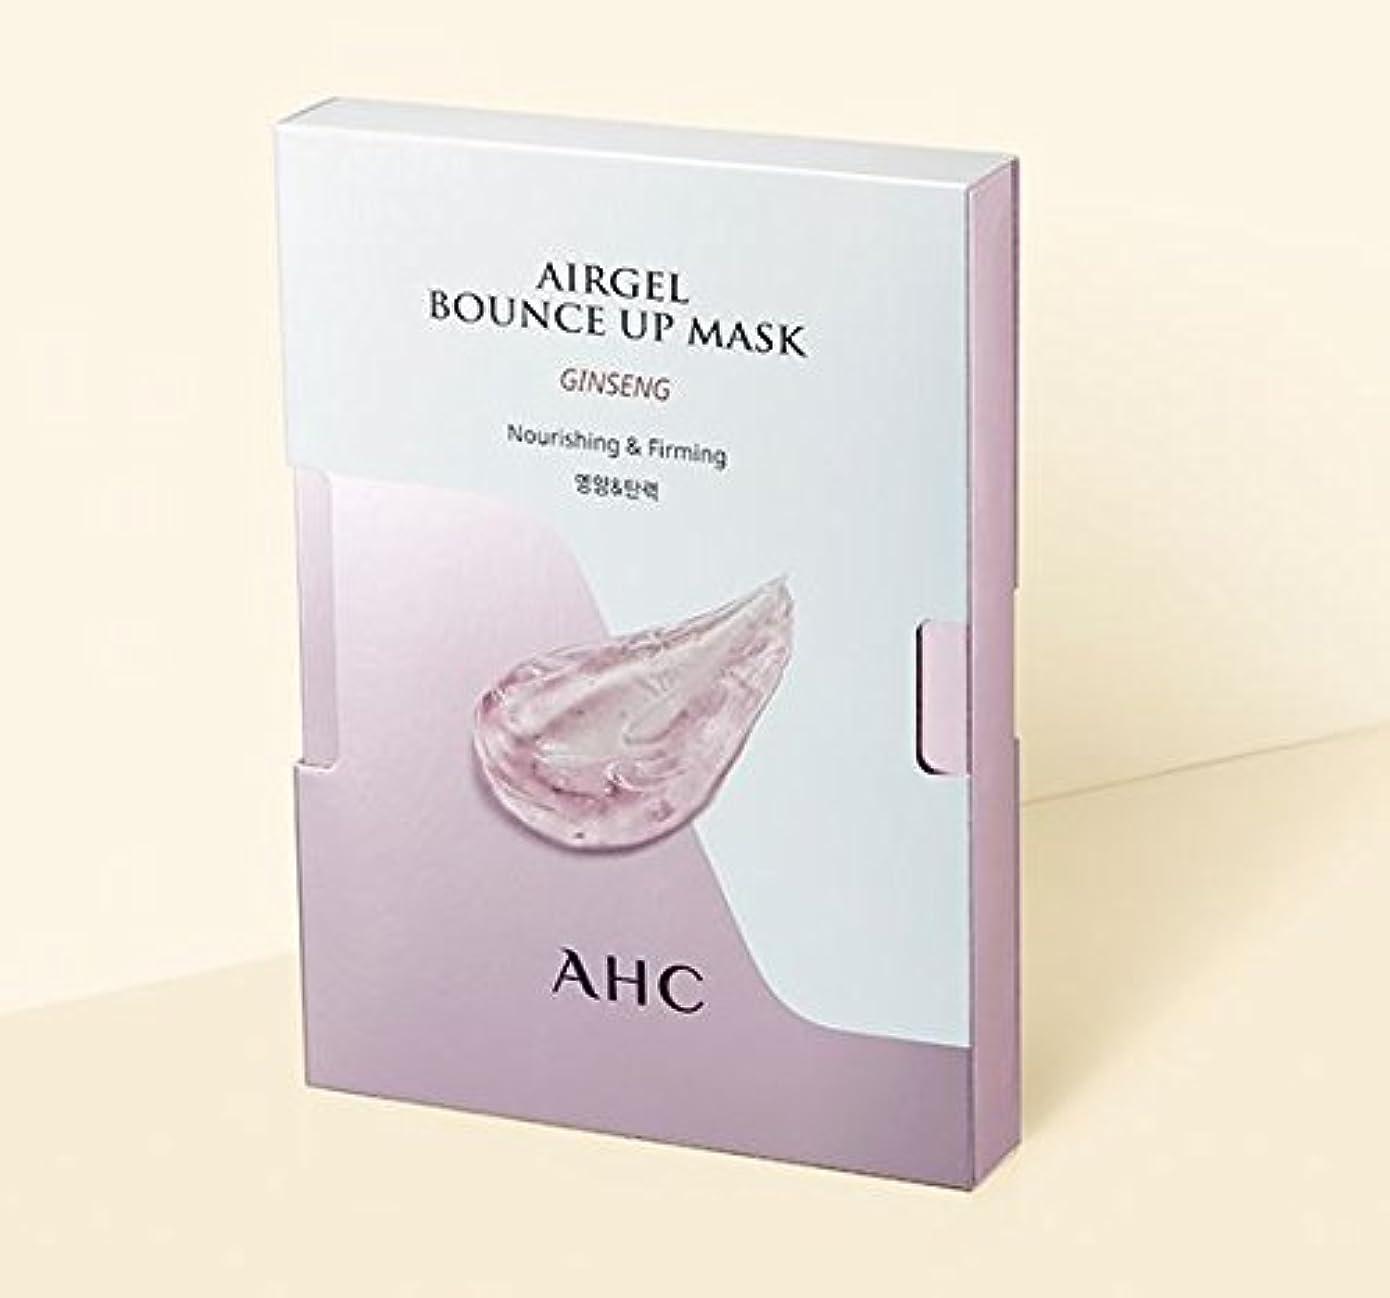 ピラミッド電気技師不倫[A.H.C] Airgel Bounce Up Mask GINSENG (Nourishing&Firming)30g*5sheet/ジンセンエアゲルマスク30g*5枚 [並行輸入品]